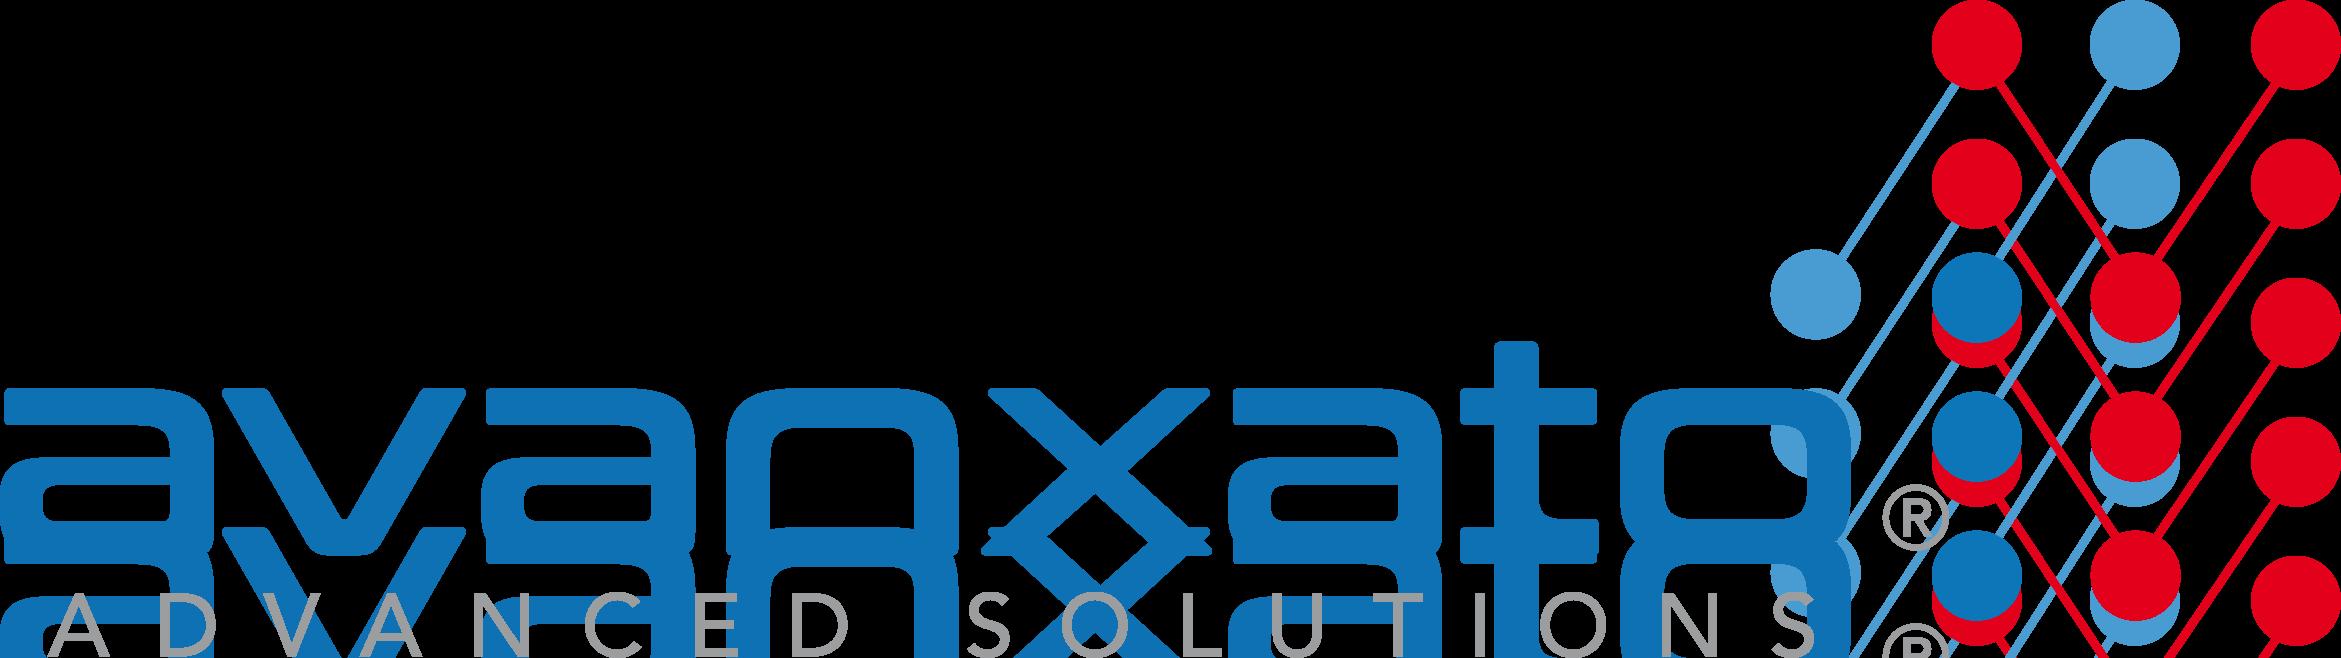 avanxato – Advanced solutions